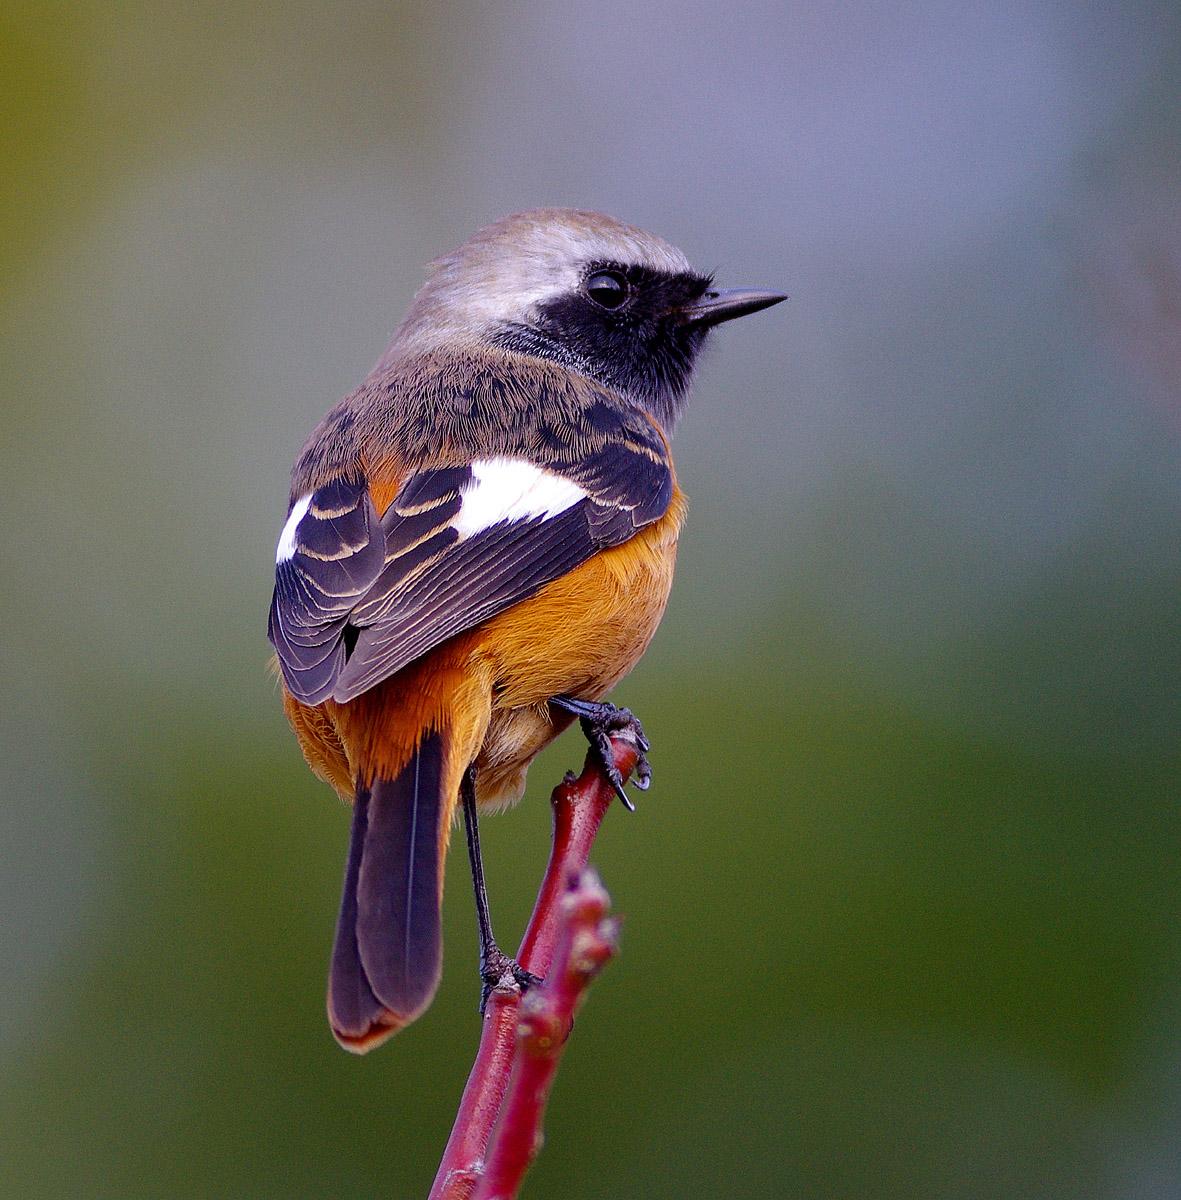 近つ飛鳥 周辺ぶらぶら_f0215767_17444836.jpg